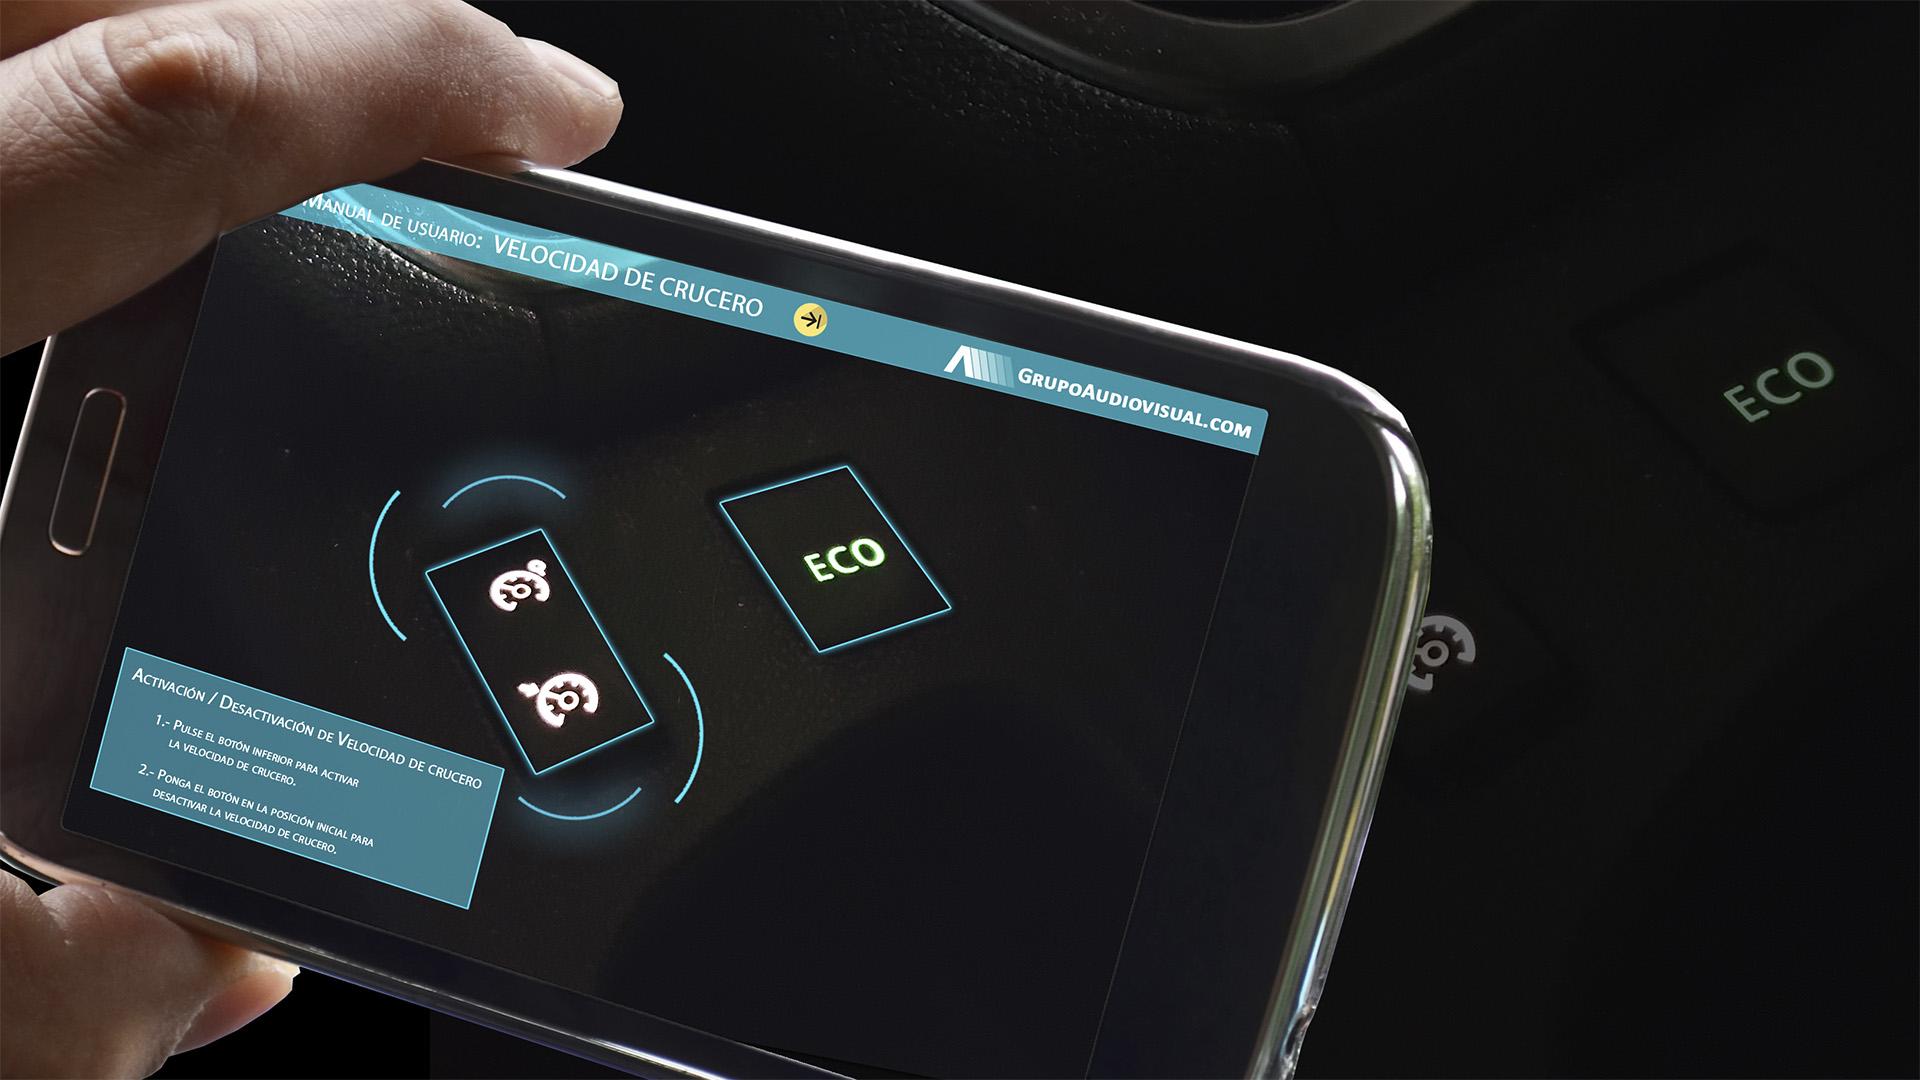 Realidad-Aumentada-Servicio-Post-Venta-Automóvil-coche-vehículo-Manual-de-Usuario-AR-GrupoAudiovisual_02_low